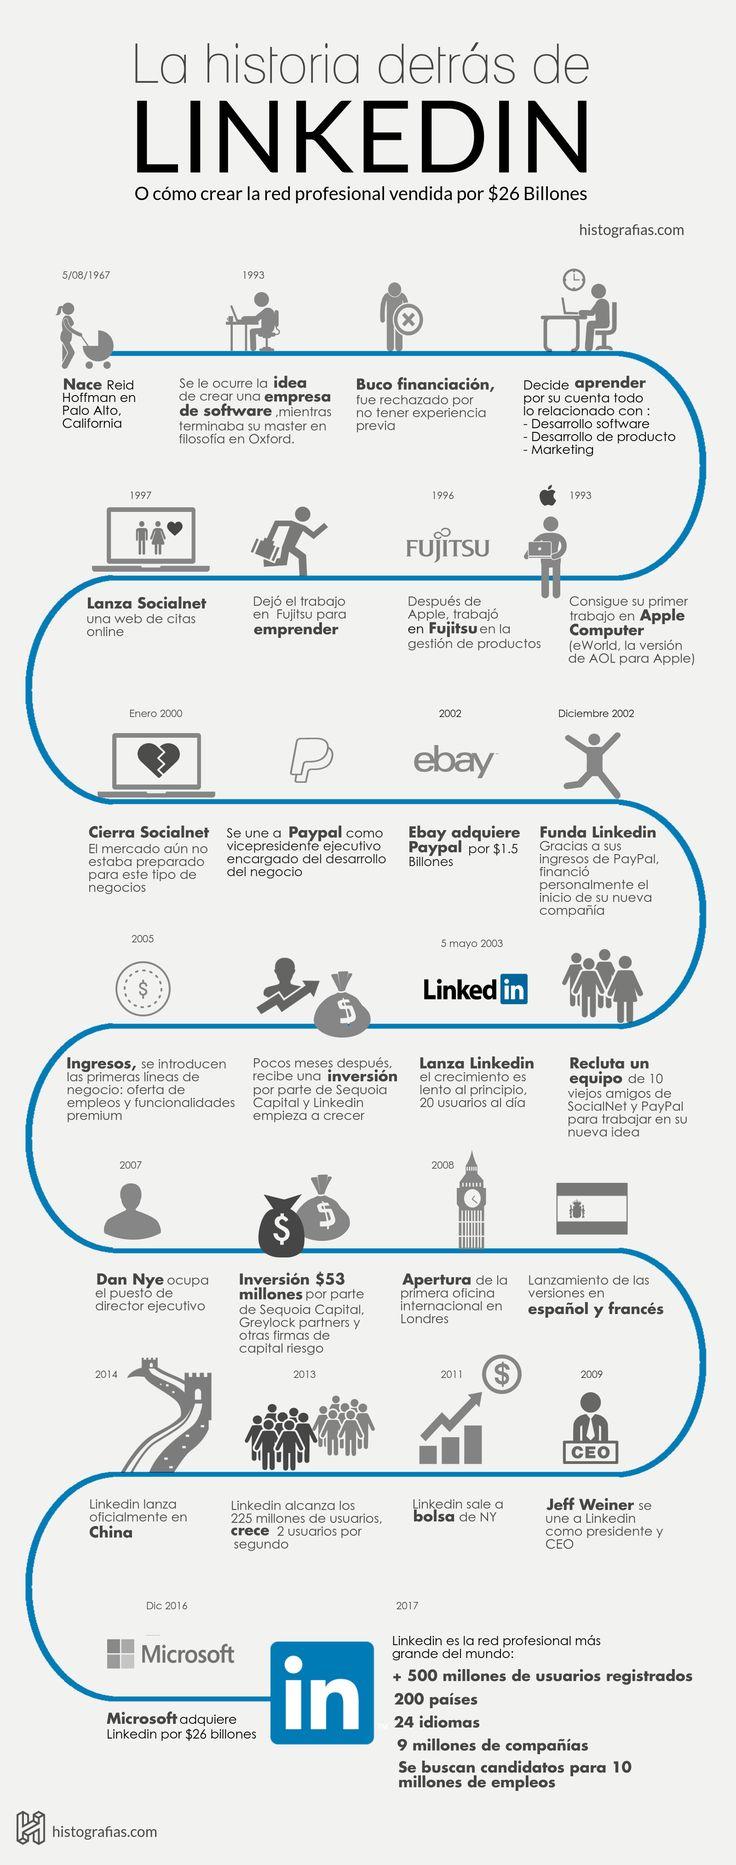 infografía que cuenta la historia de linkedin y su fundador de Reid Garret, desde el nacimiento de su fundador hasta el año 2017.